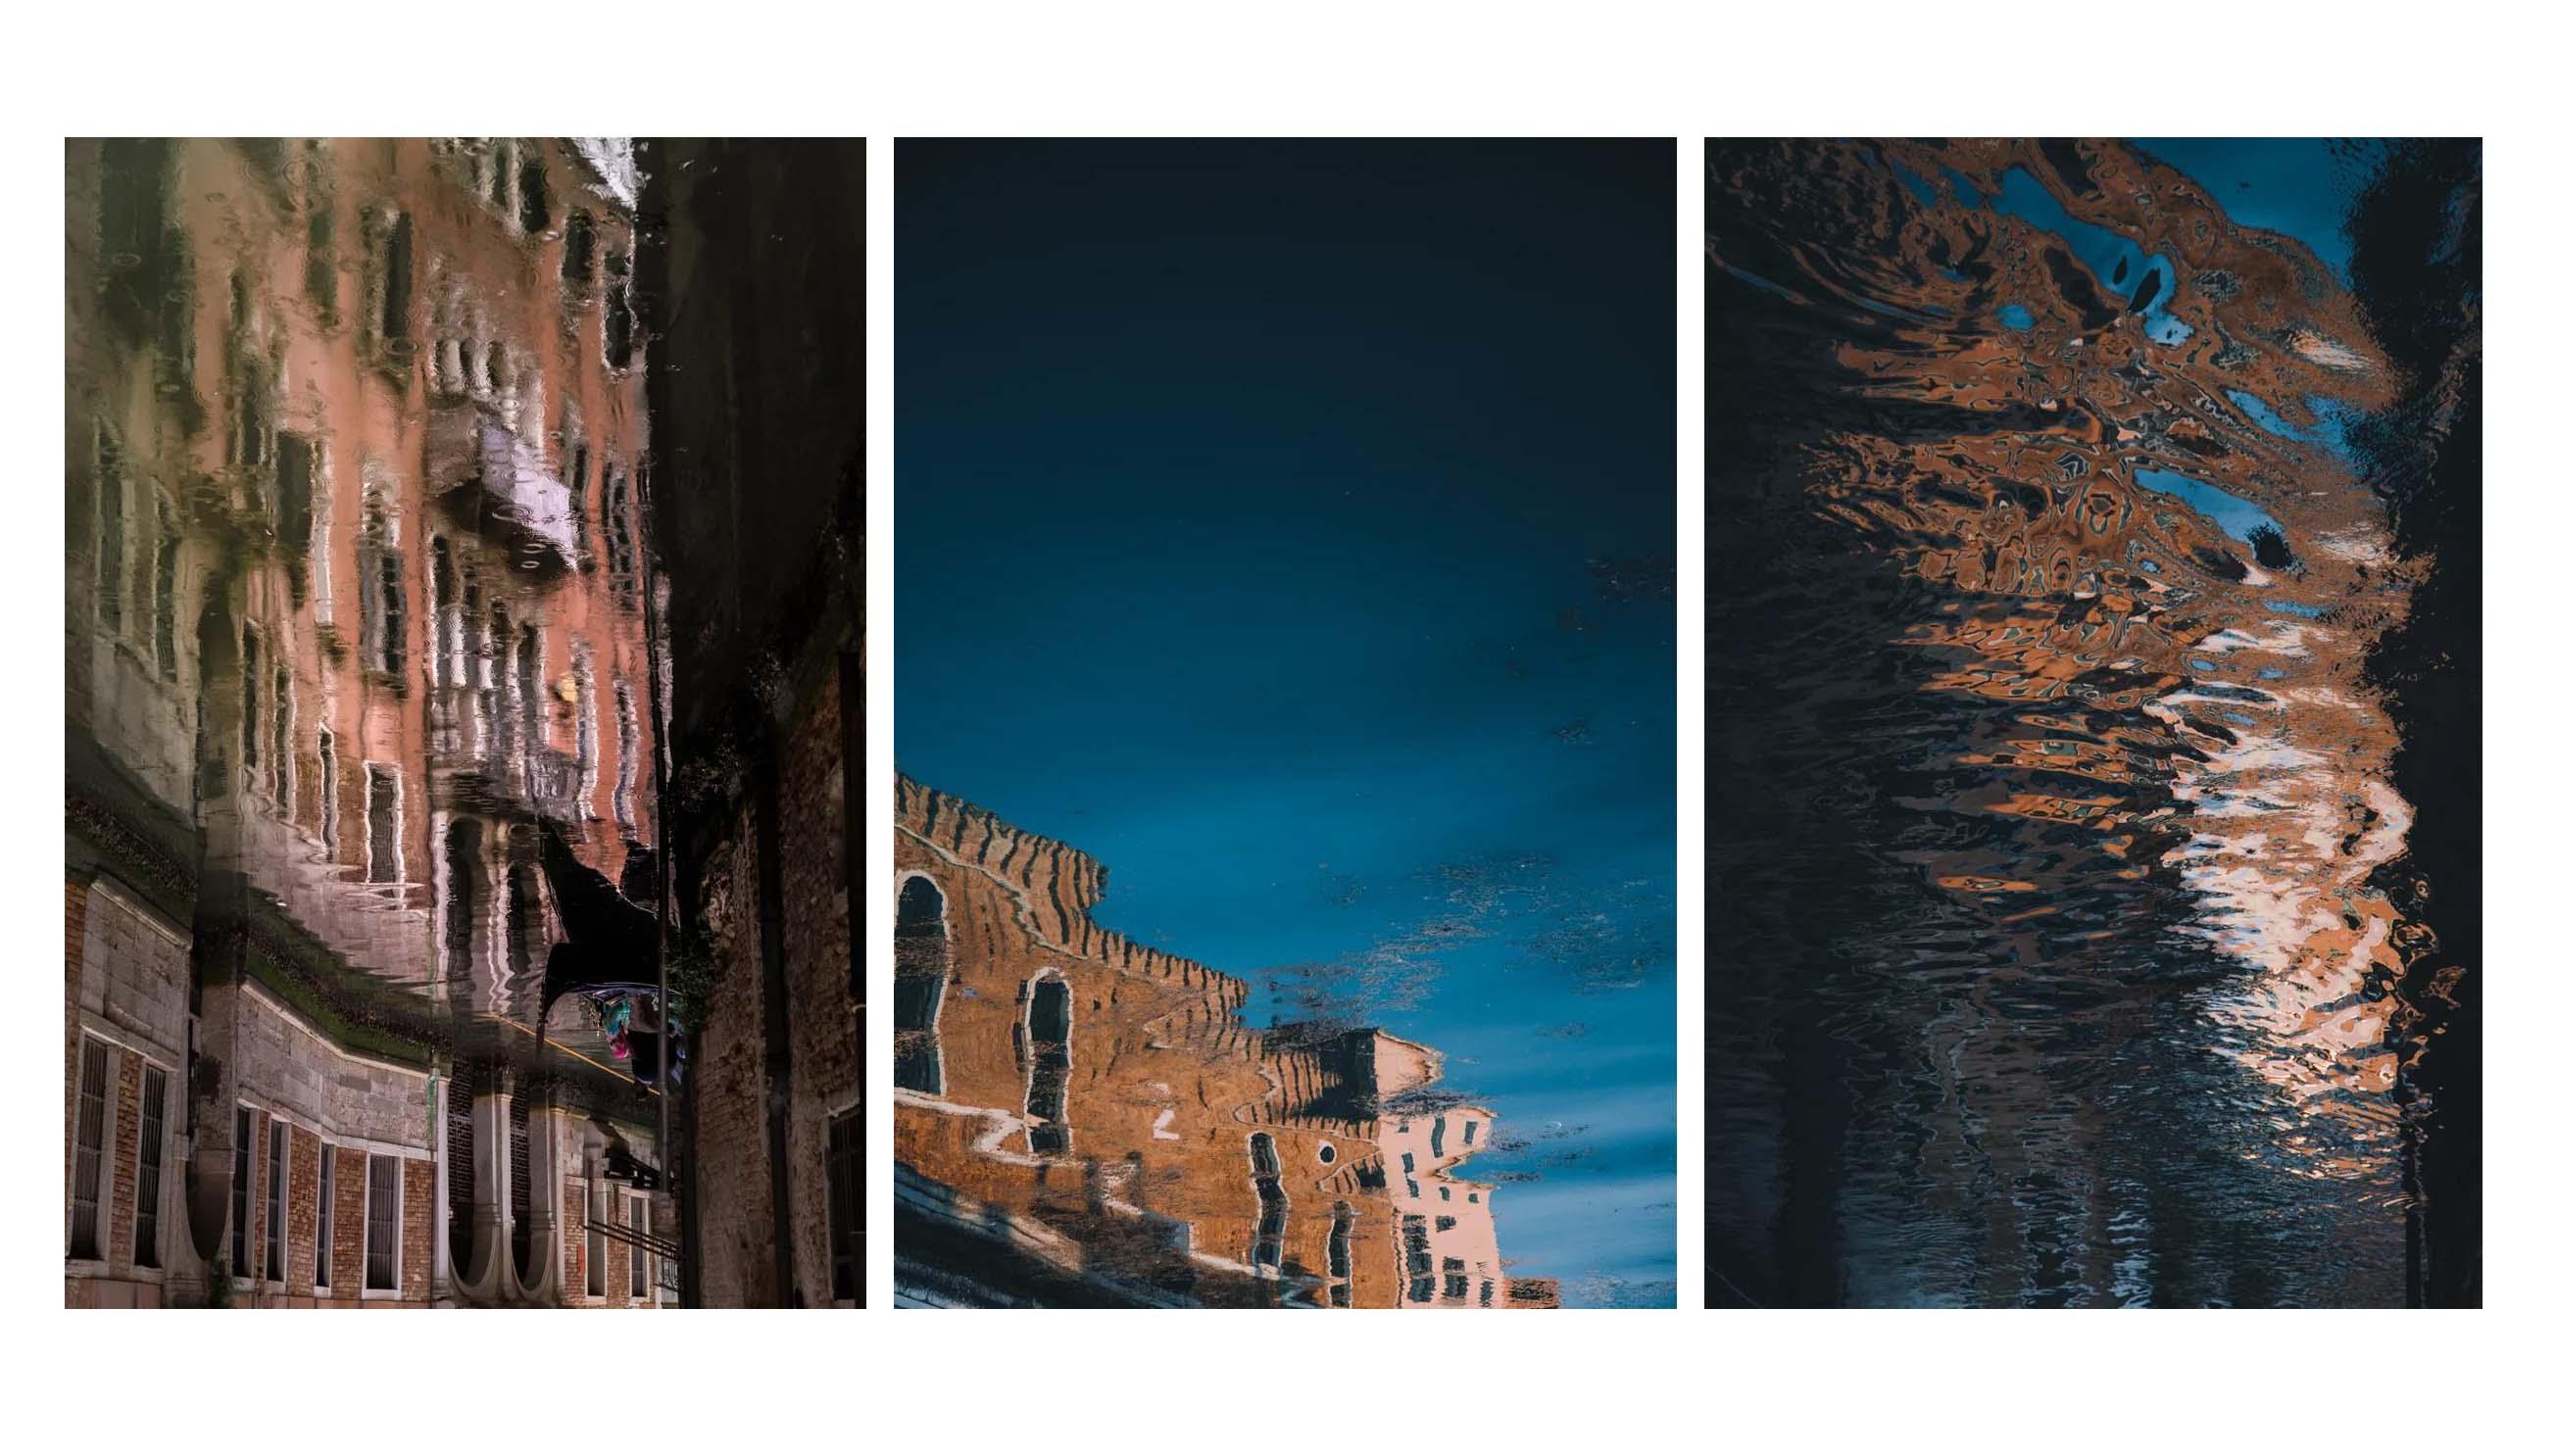 مجموعه عکس های دنیای منعکس شده از ونیز